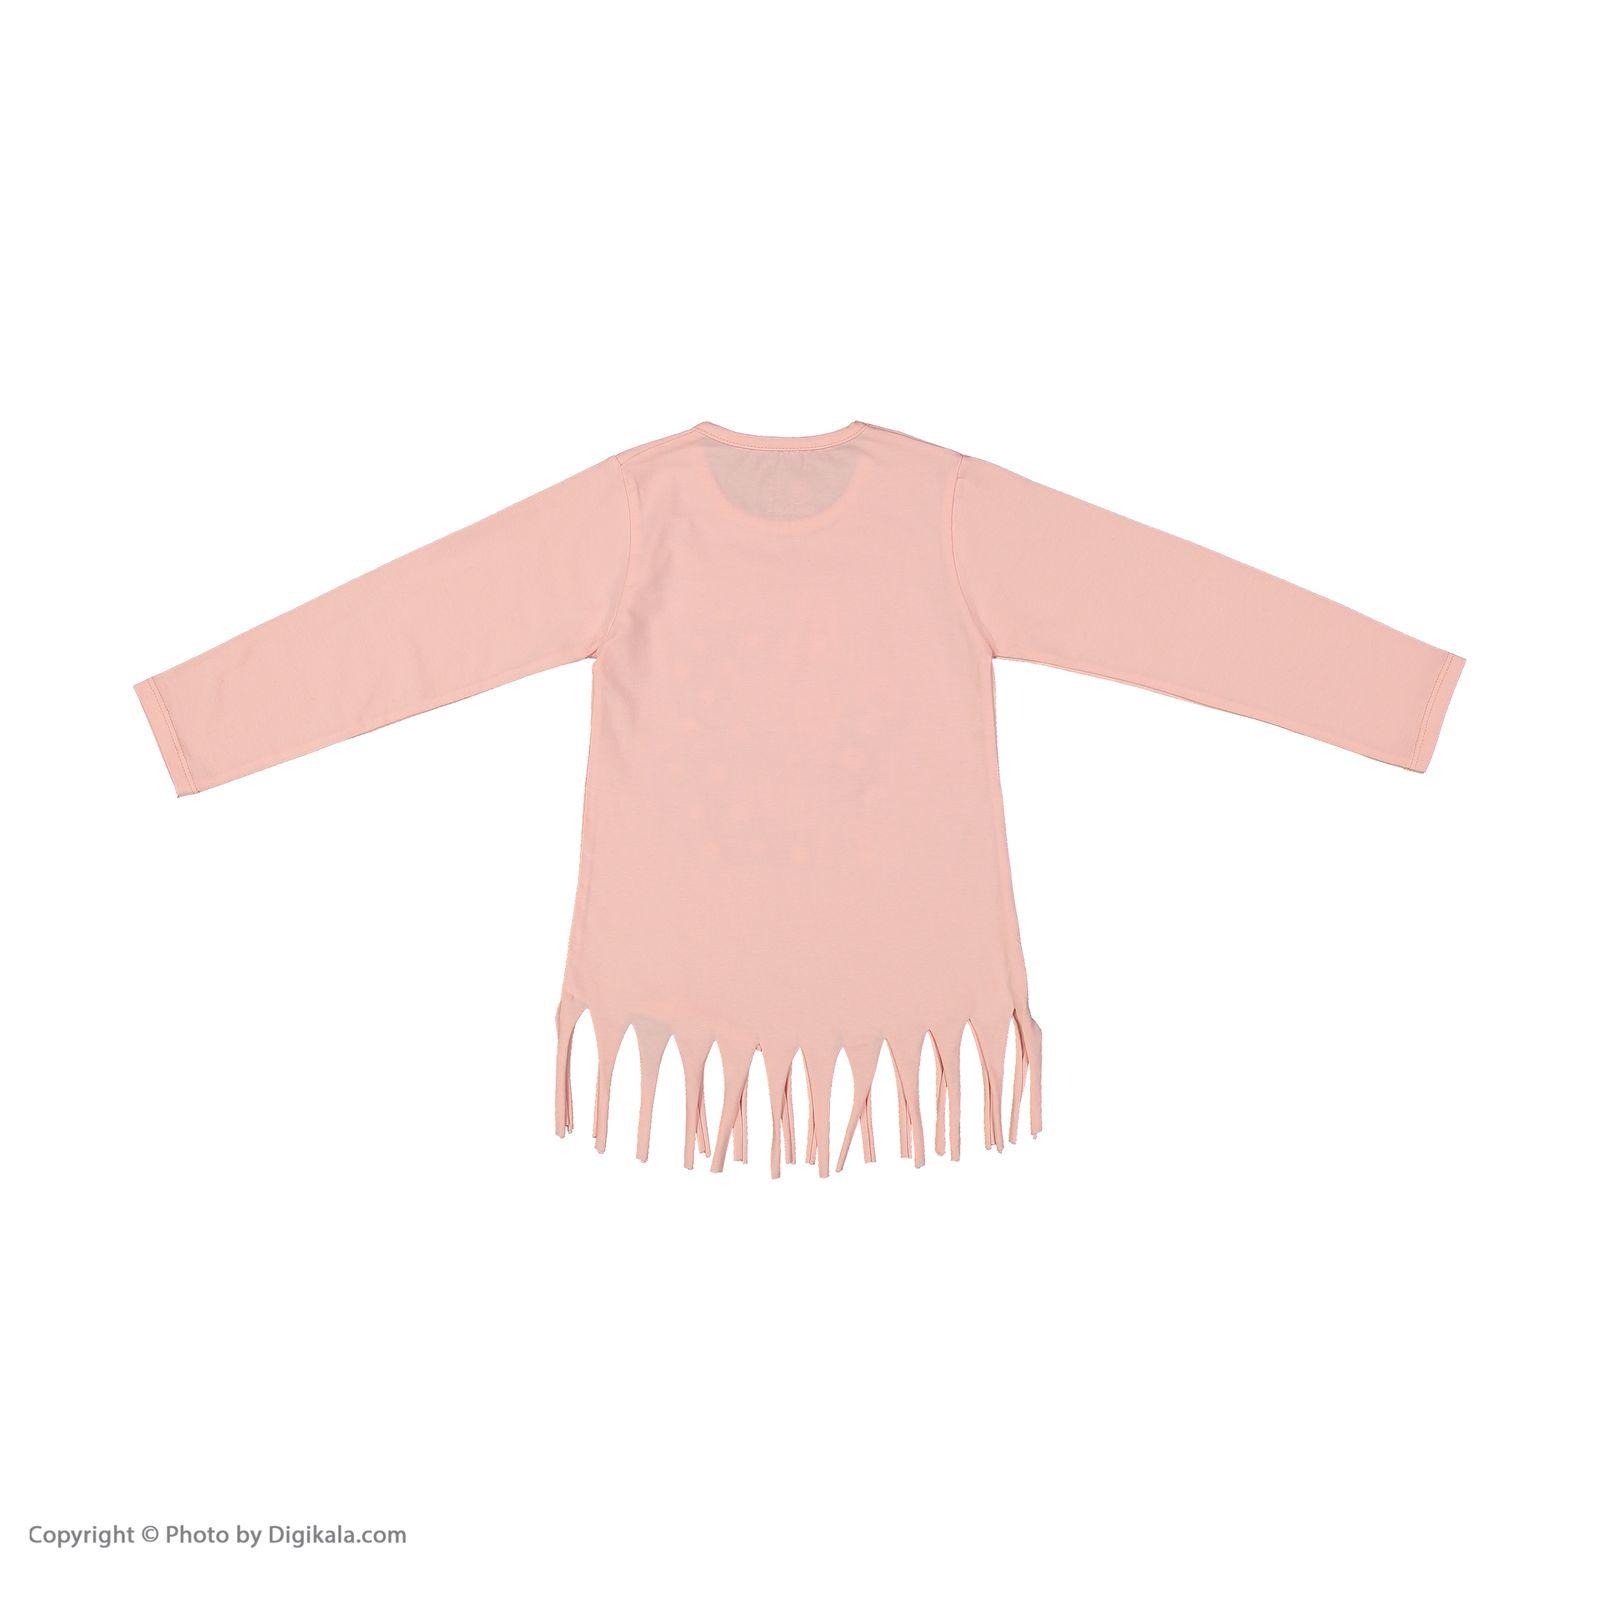 تی شرت دخترانه سون پون مدل 1391350-84 -  - 4